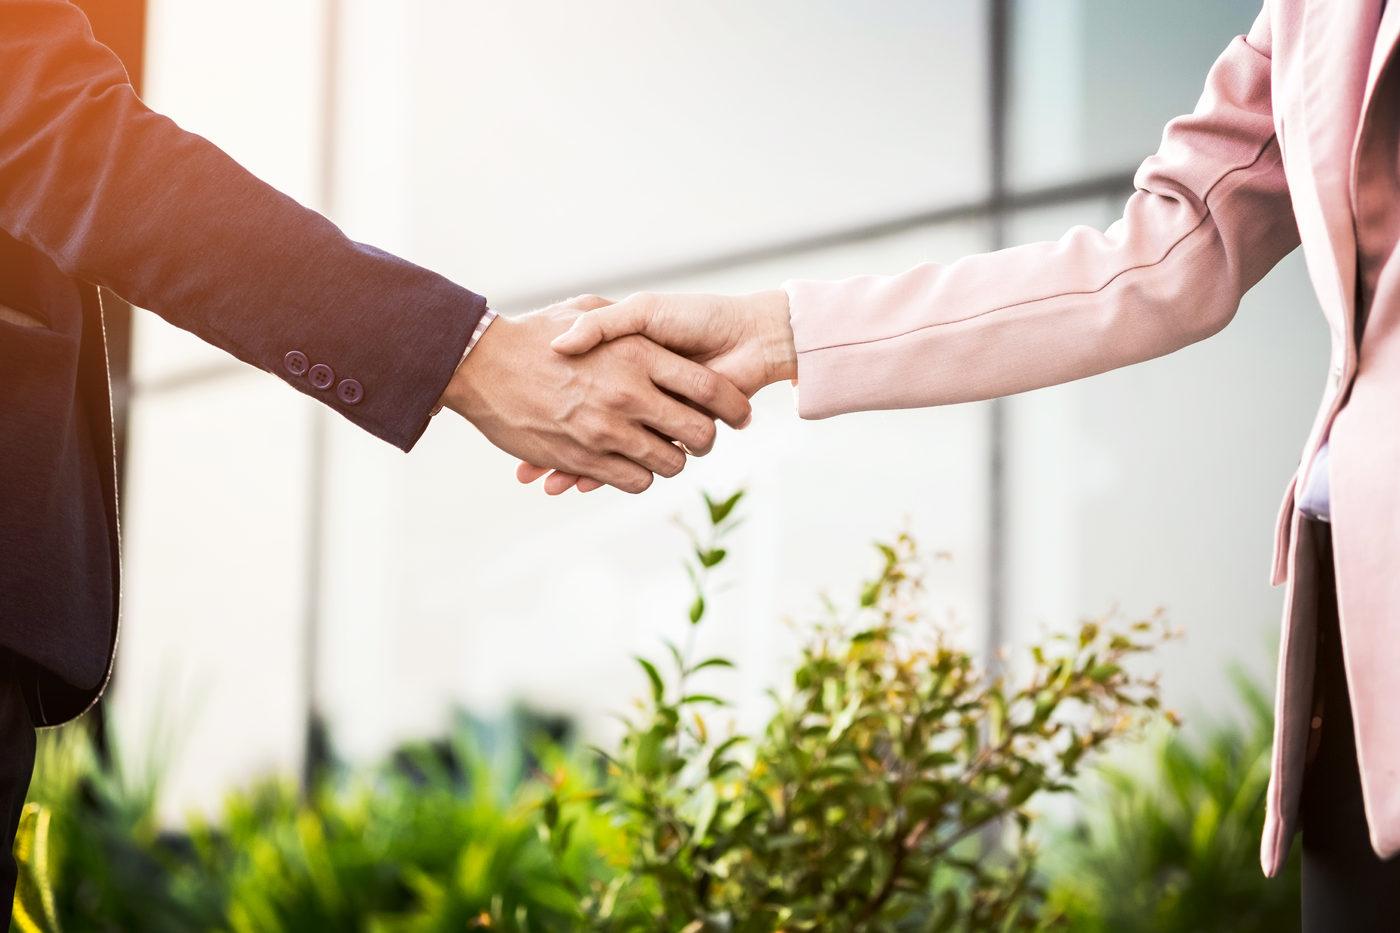 картинка делового человека с рукопожатием